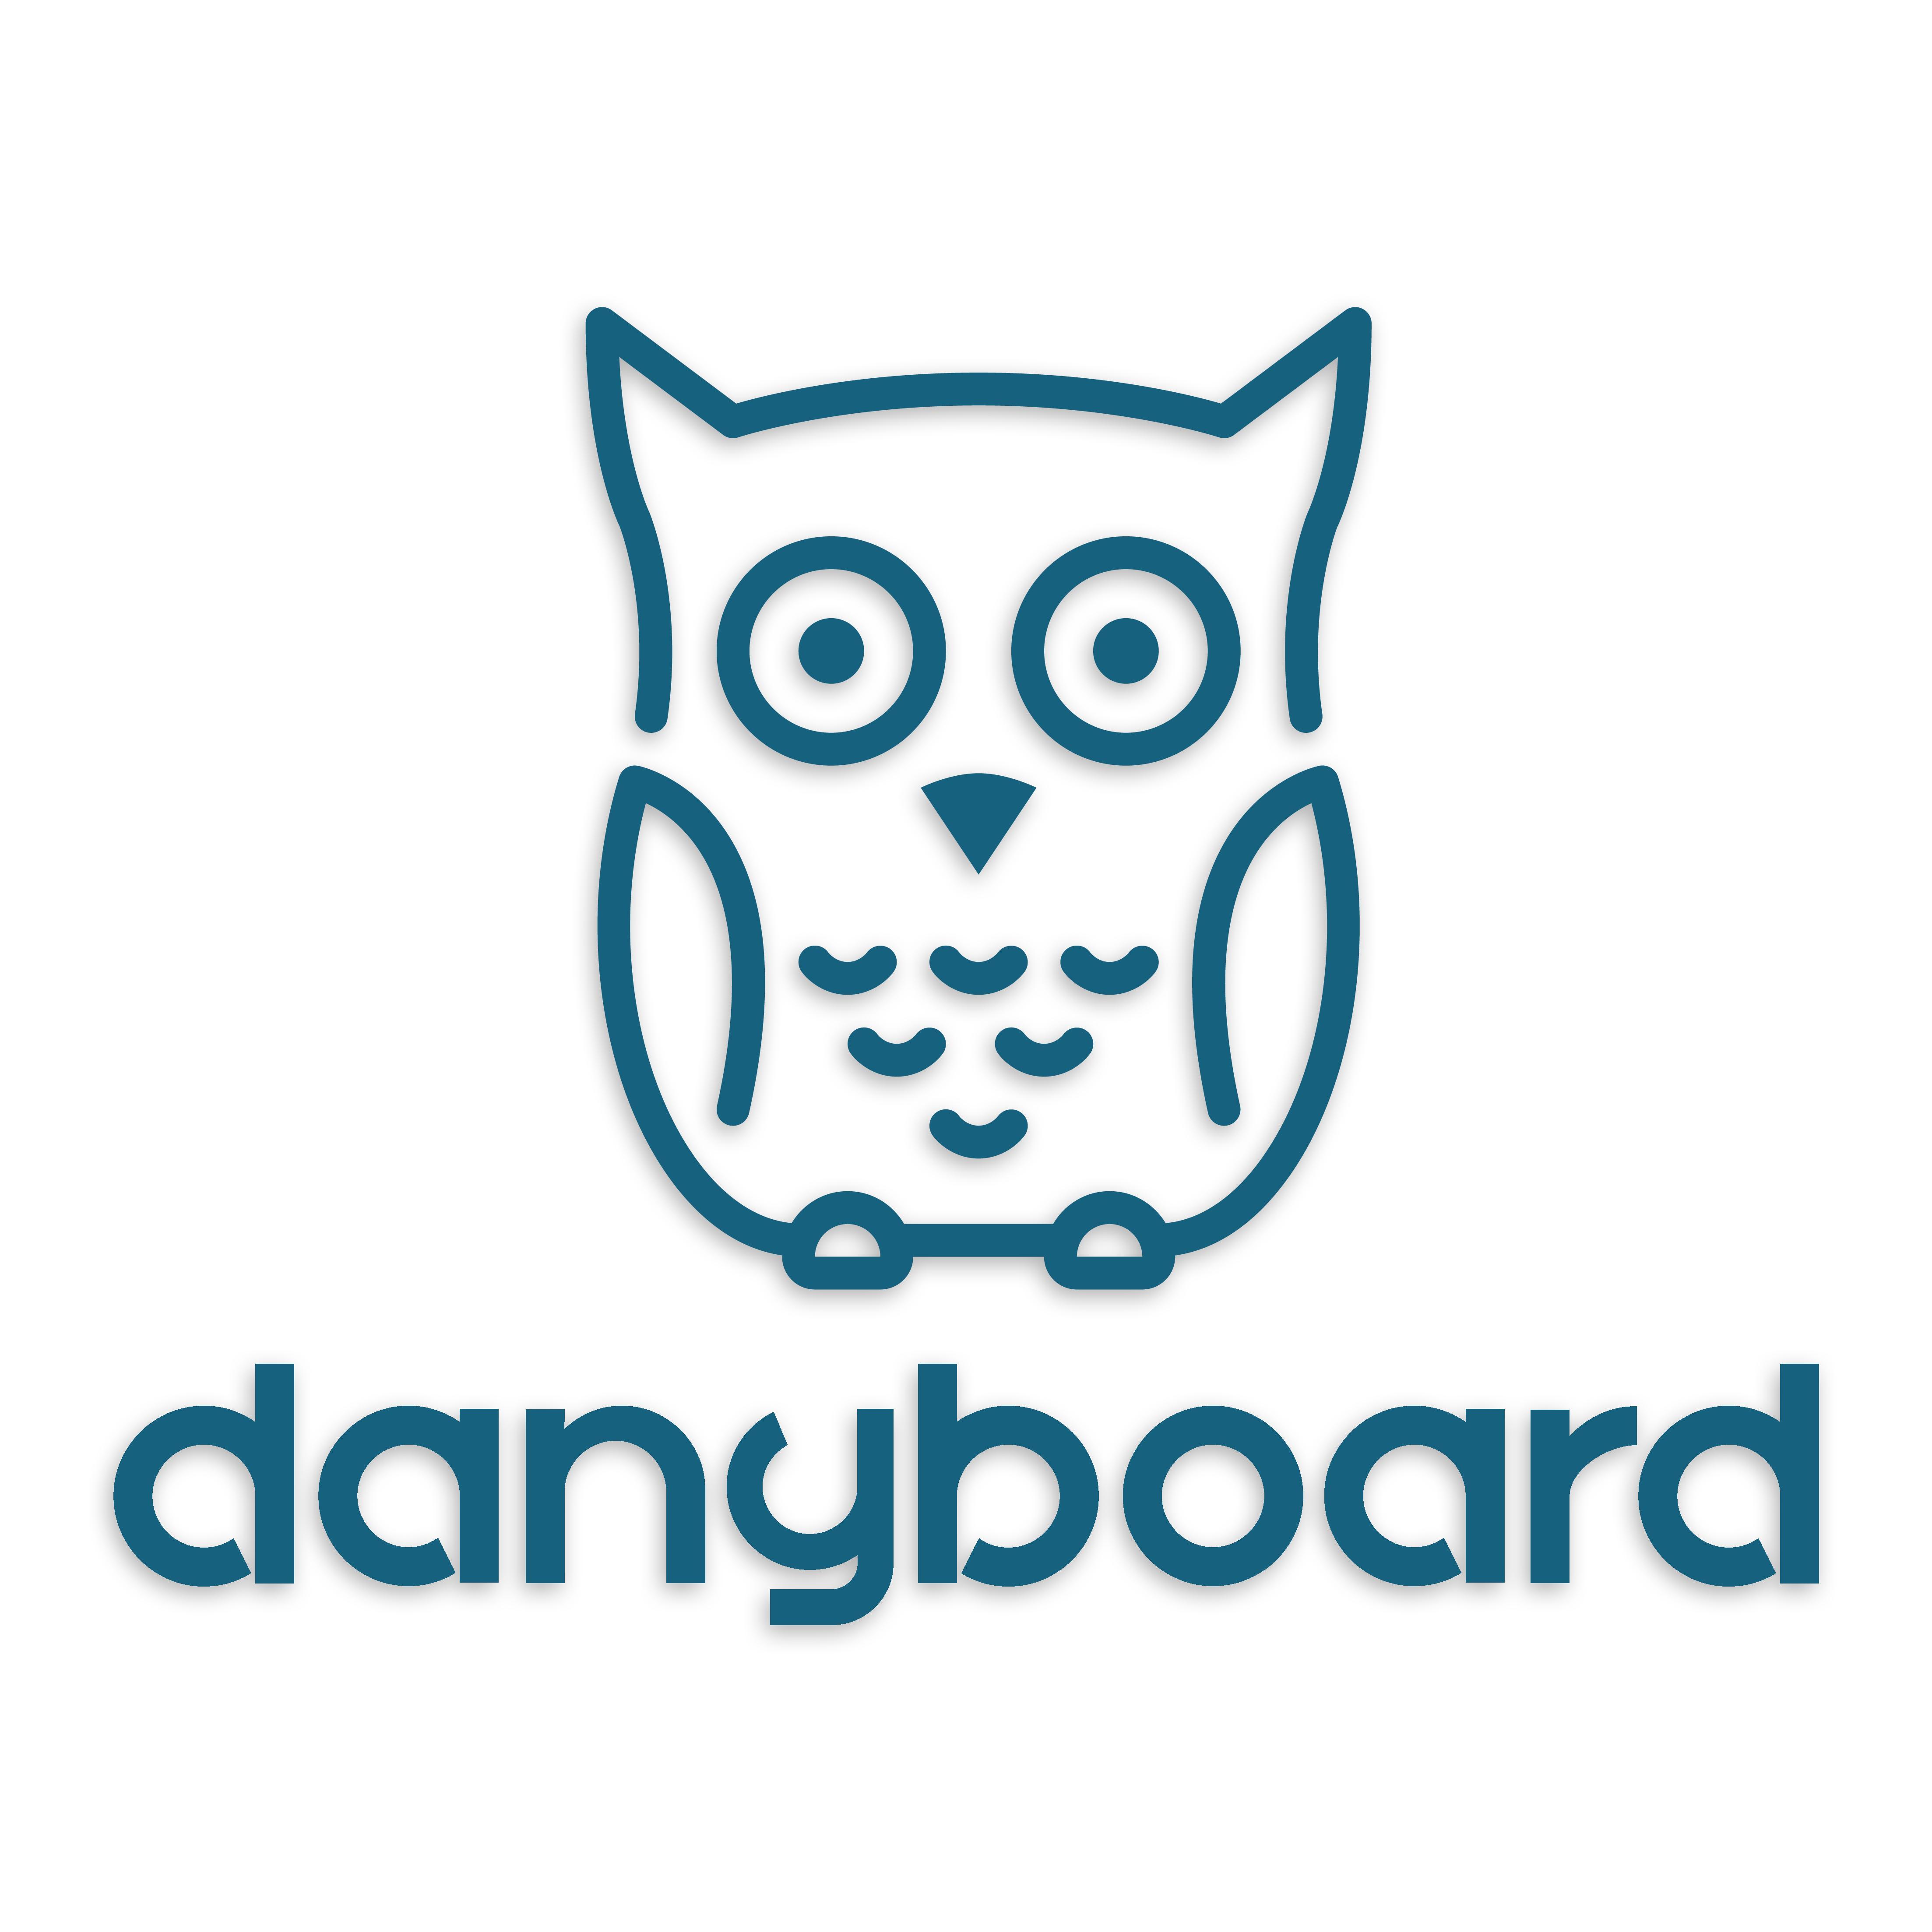 Danyboard